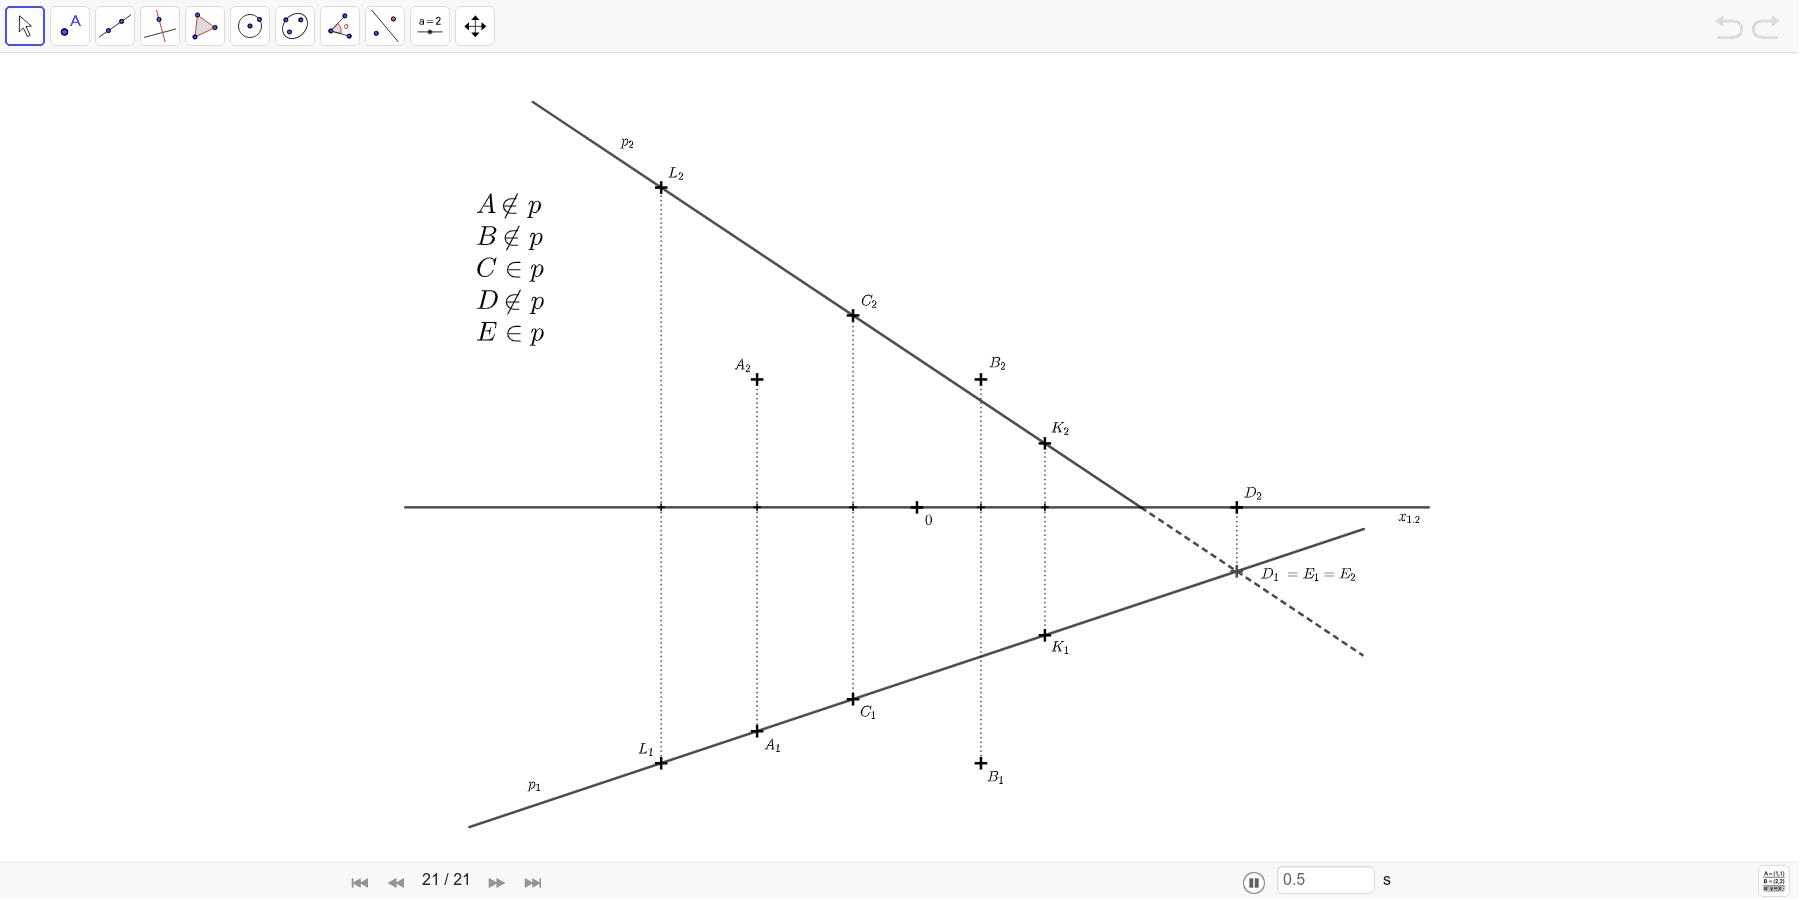 Zjistěte, zda body A=[-2,5; 3,5; 2], B=[1; 4; 2], C=[-1; 3; 3], D=[5; 1; 0] a E=[5; 1; -1] leží na přímce p=KL, kde K=[2; 2; 1], L=[-4; 4; 5]. Zahajte aktivitu stisknutím klávesy Enter